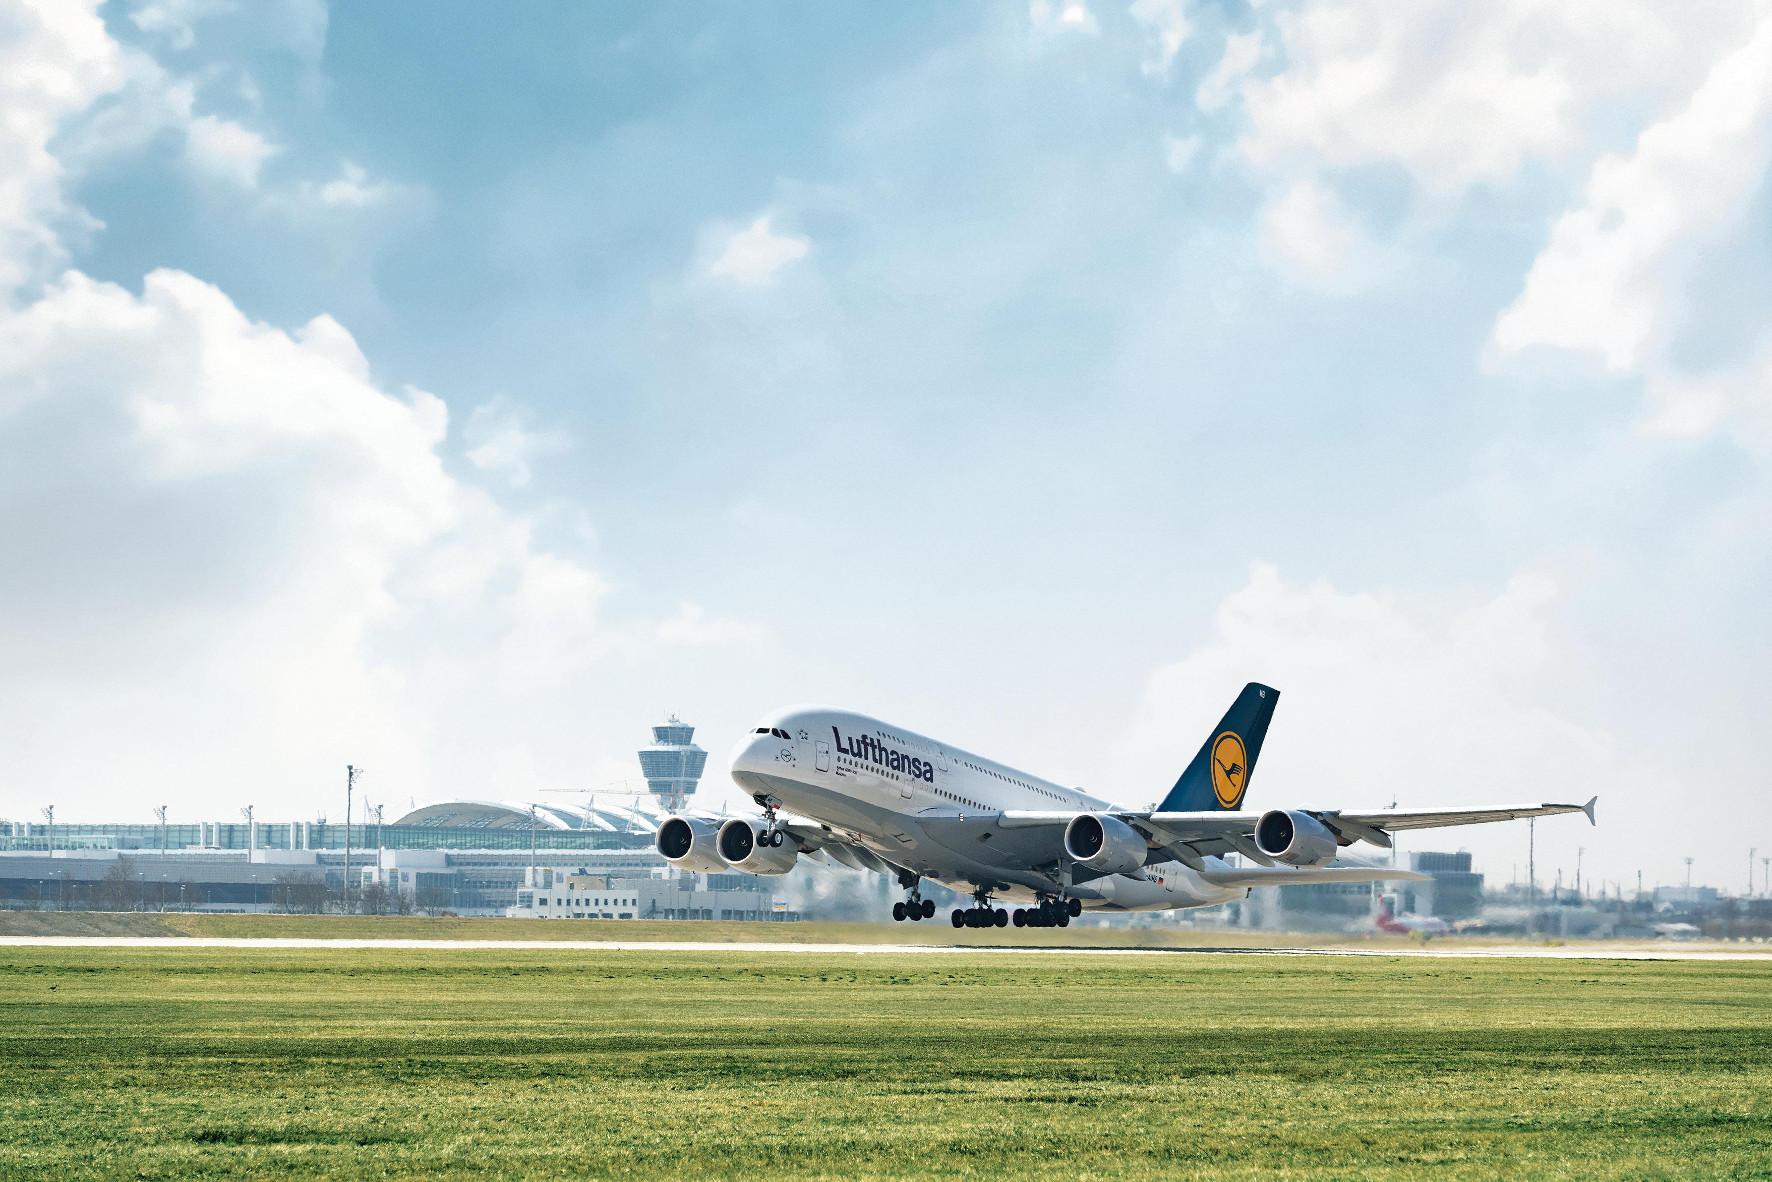 Vom Airport in die Stadt: Hier haben Reisende kurze Transfer-Zeiten